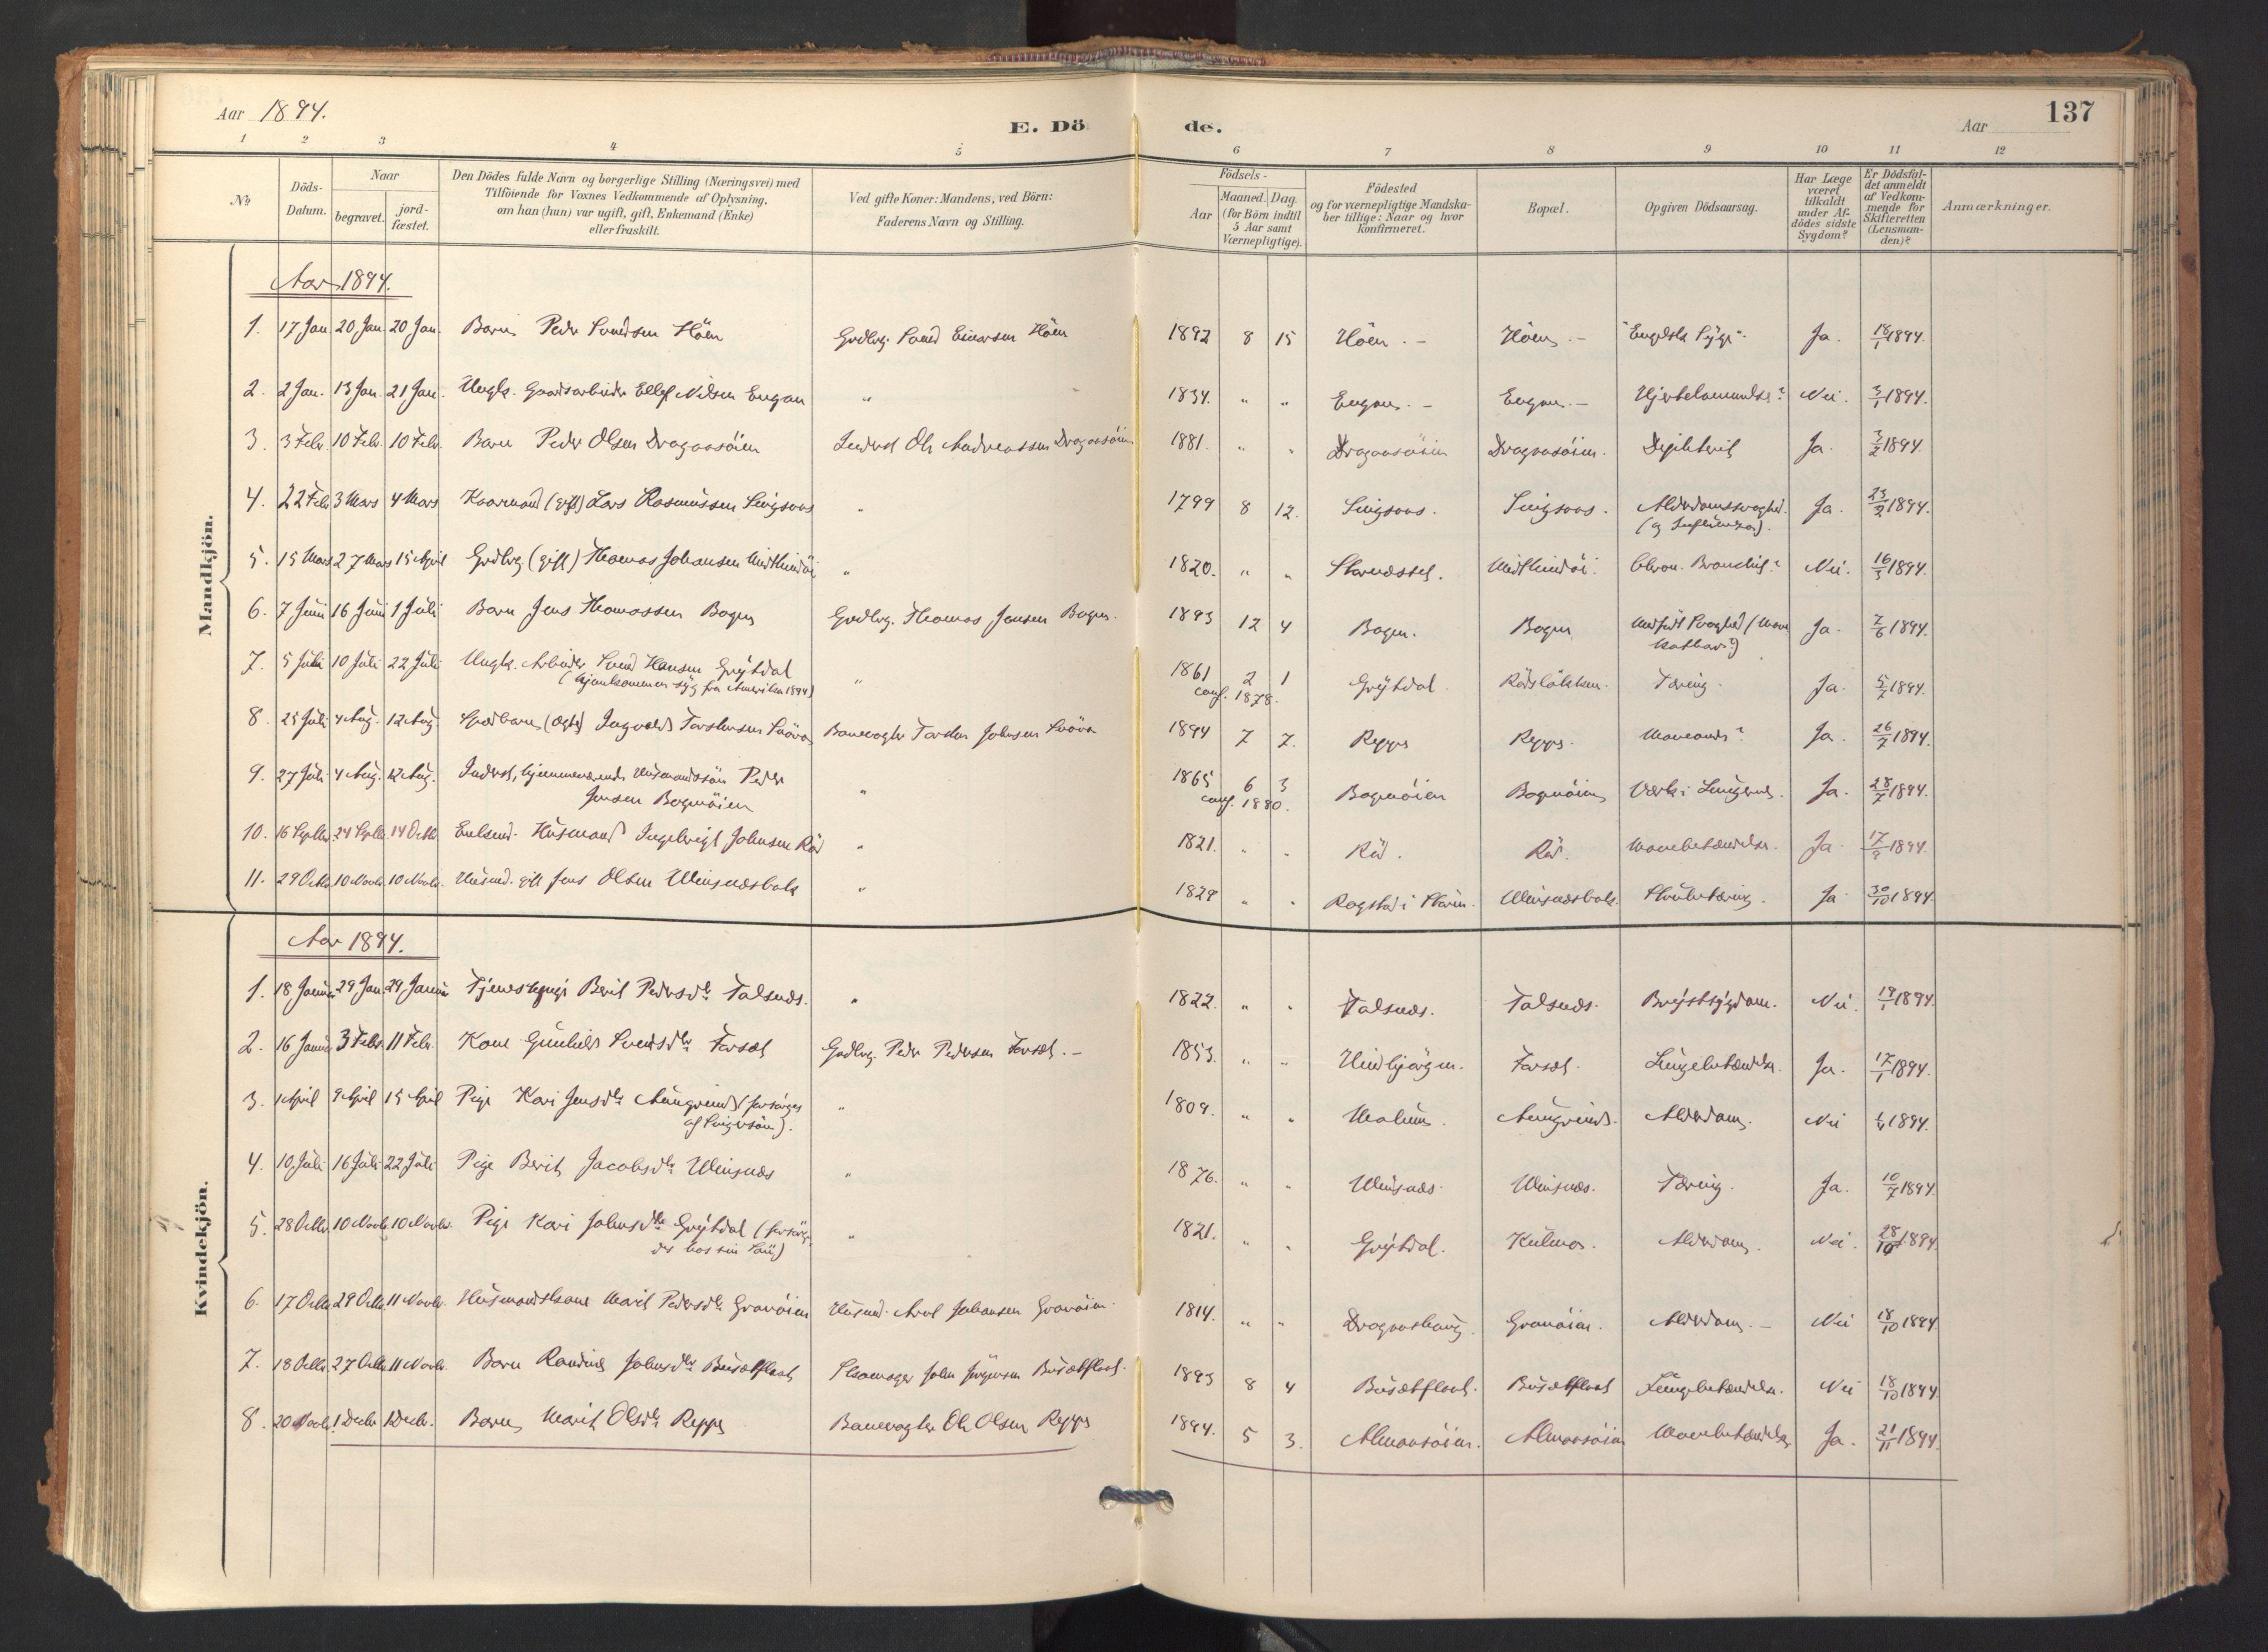 SAT, Ministerialprotokoller, klokkerbøker og fødselsregistre - Sør-Trøndelag, 688/L1025: Ministerialbok nr. 688A02, 1891-1909, s. 137